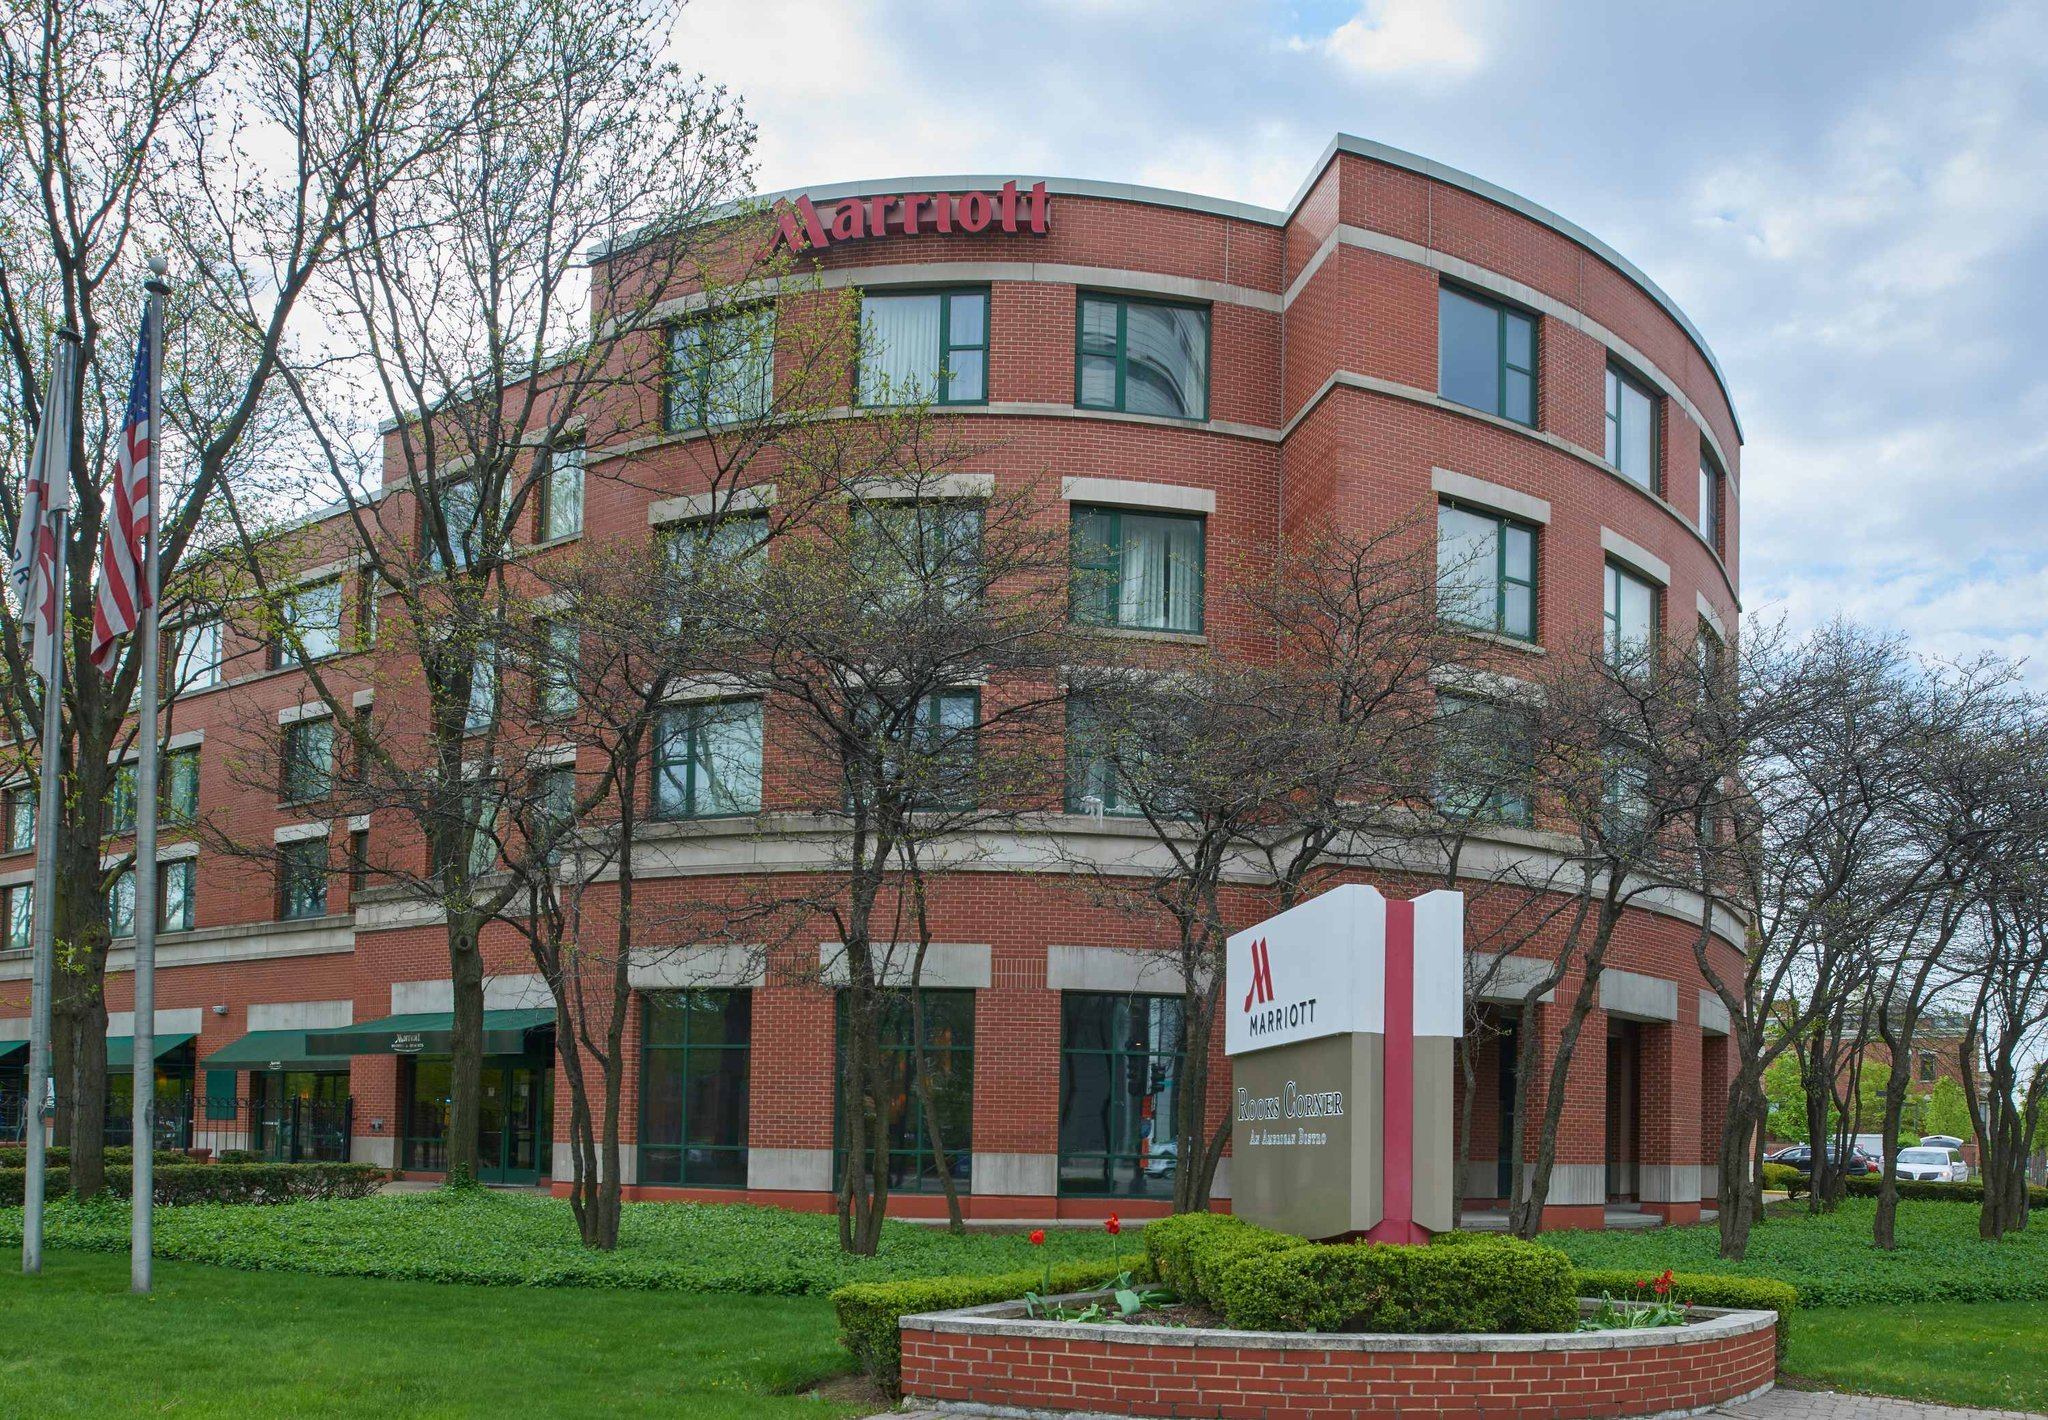 芝加哥市區醫療區萬豪酒店